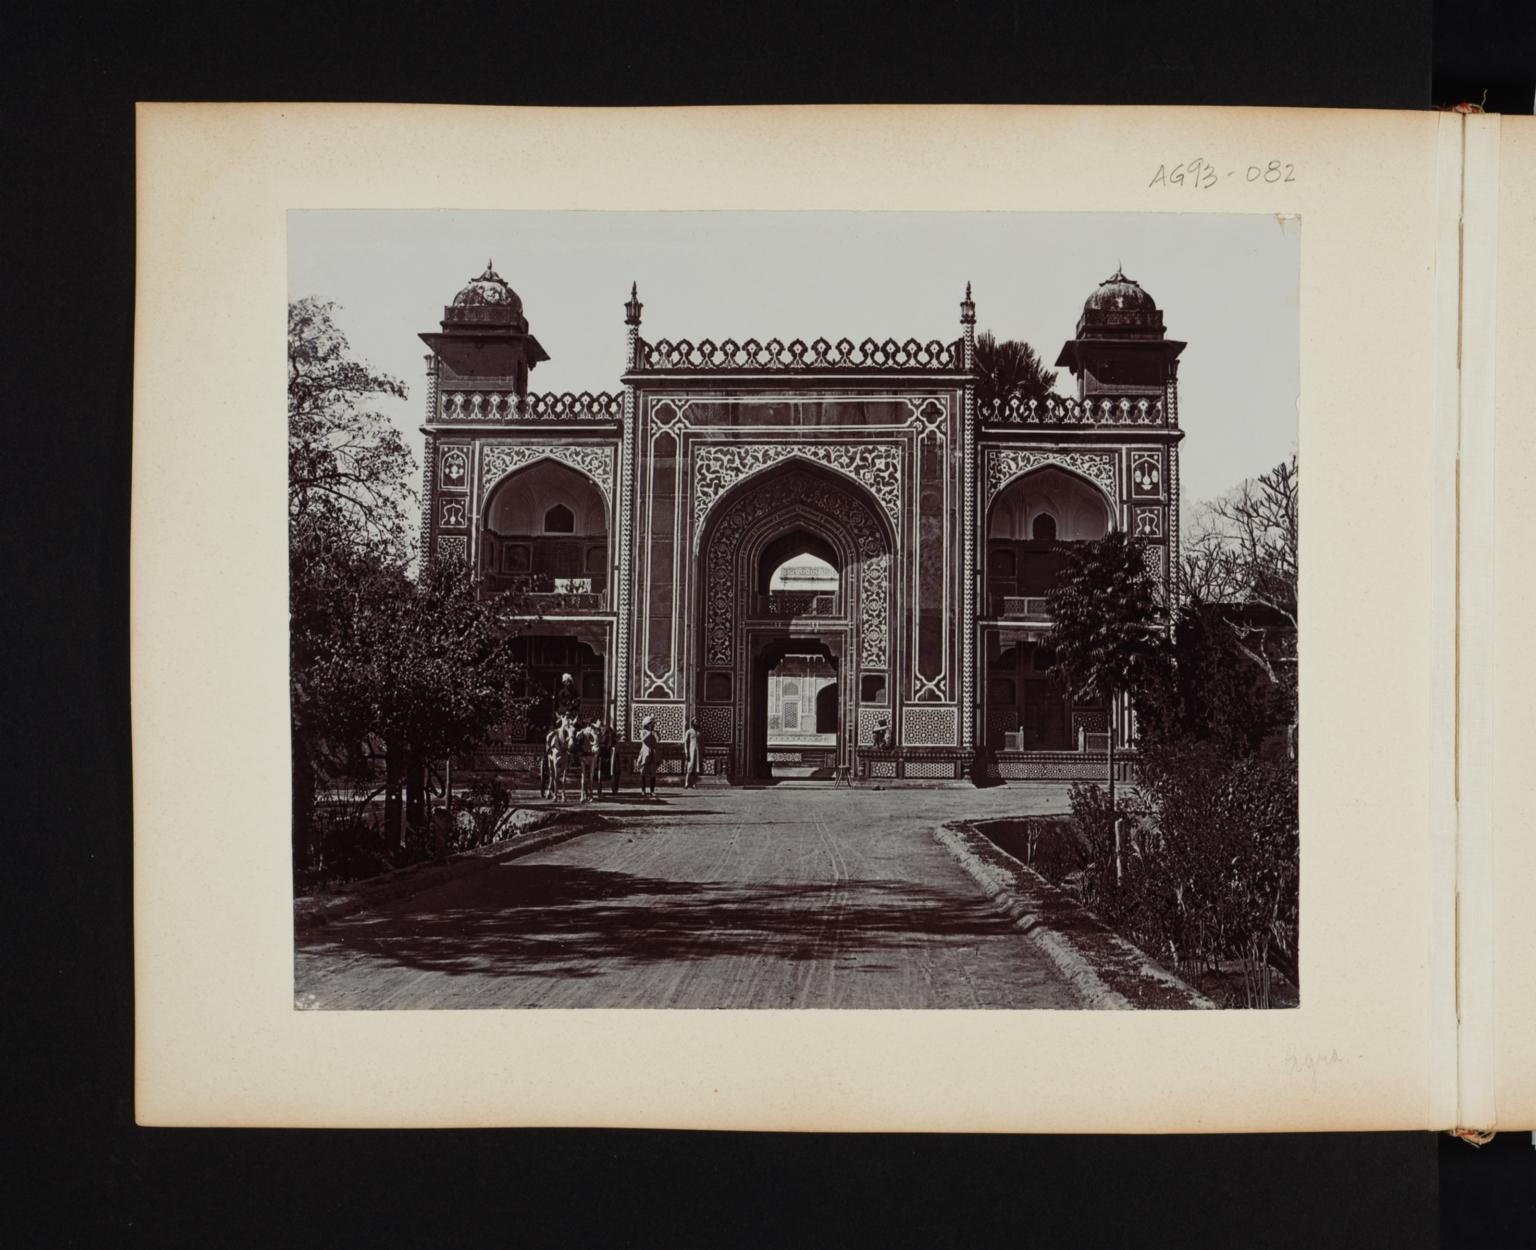 An elaborate mosaic entrance facade in Agra, India.